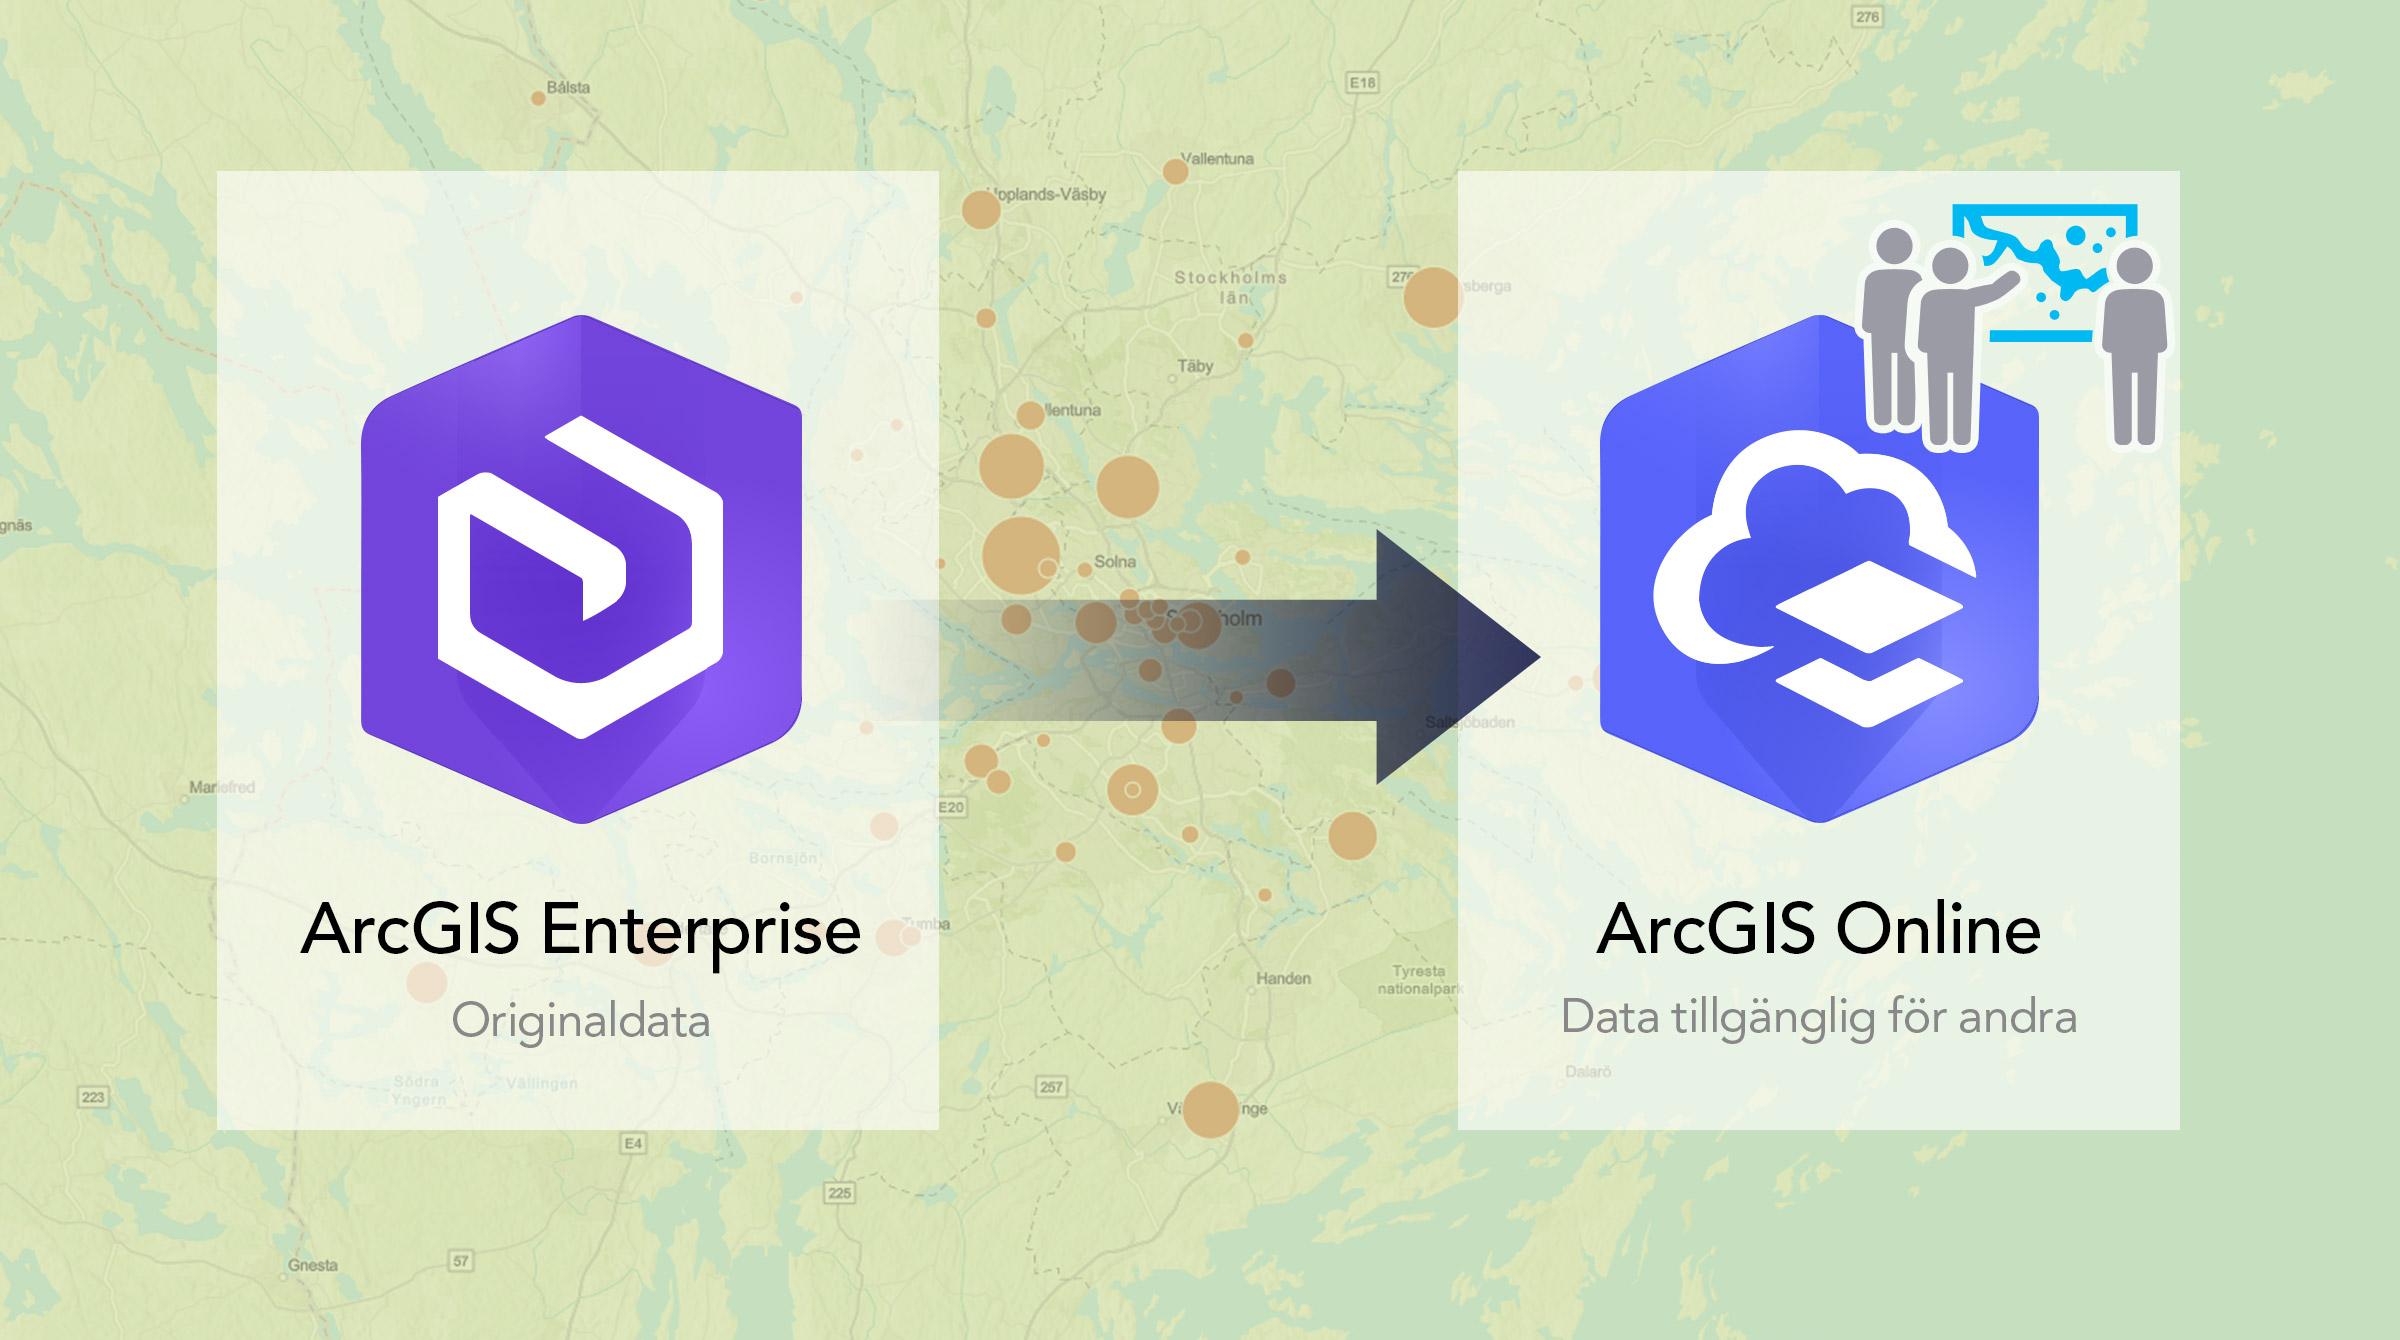 Dela data från ArcGIS Enterprise till ArcGIS Online